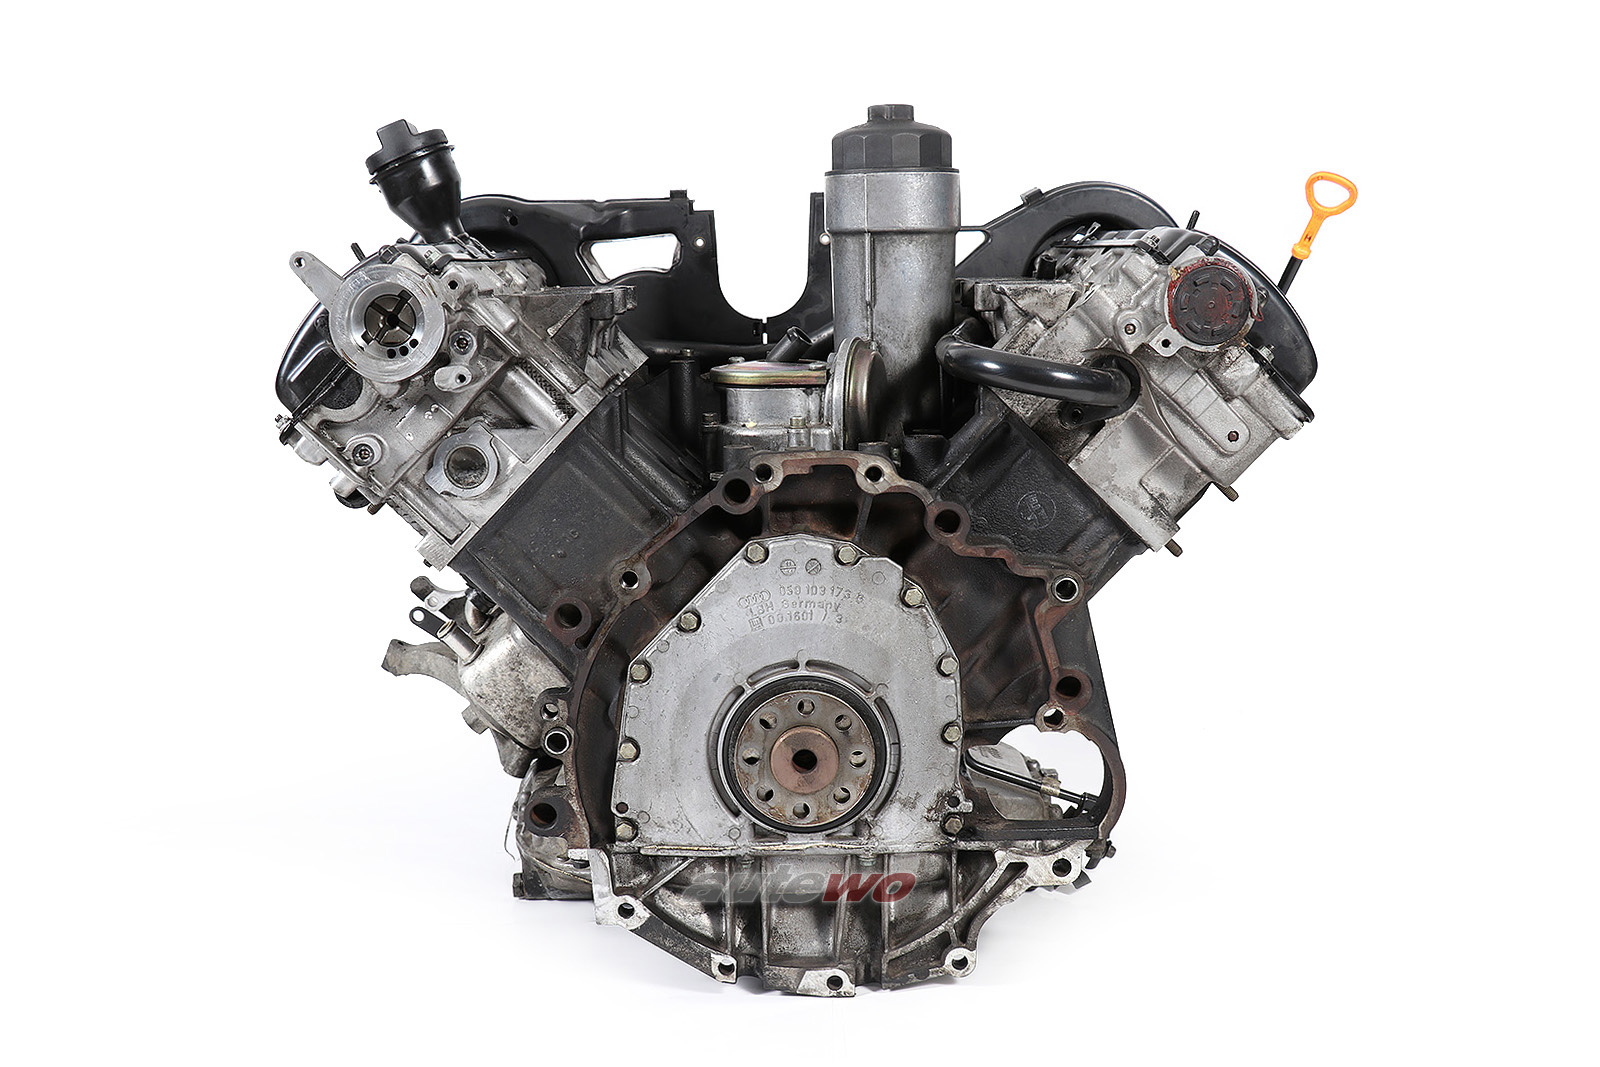 059100098BX Audi/VW A4 8E/Passat 2.5l TDI 6 Zylinder BAU 39529 Rumpfmotor